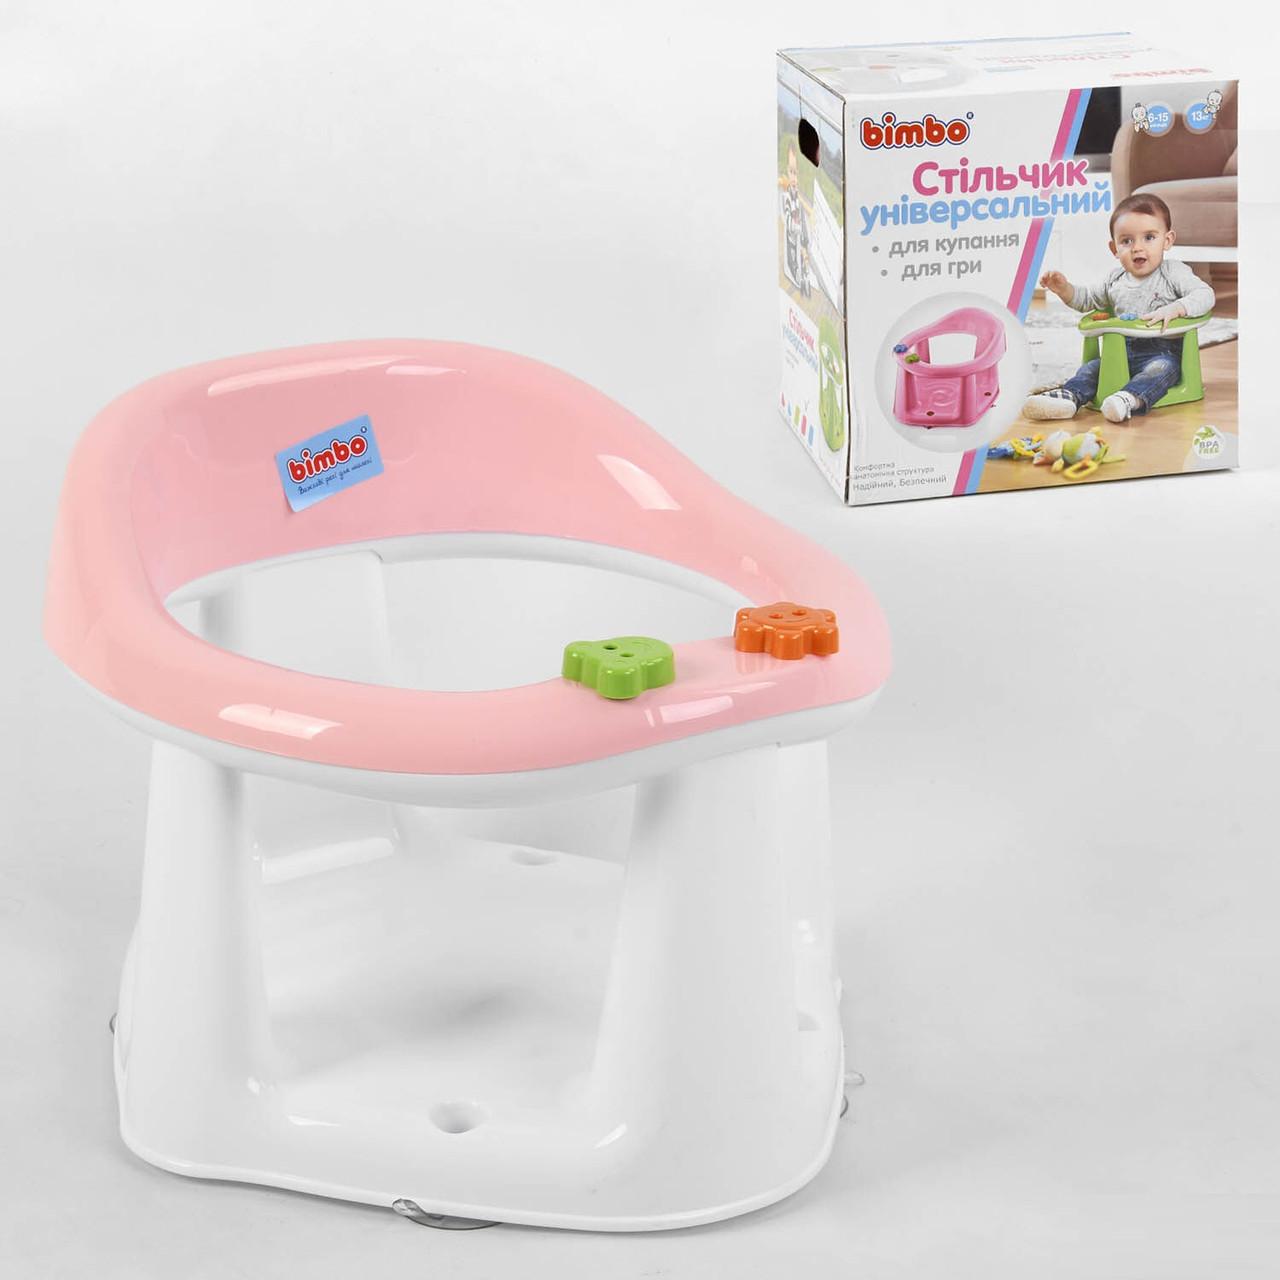 """Детское сиденье для купания на присосках BM-10600 """"BIMBO"""" с вращающимися игрушками, бело-розовое"""